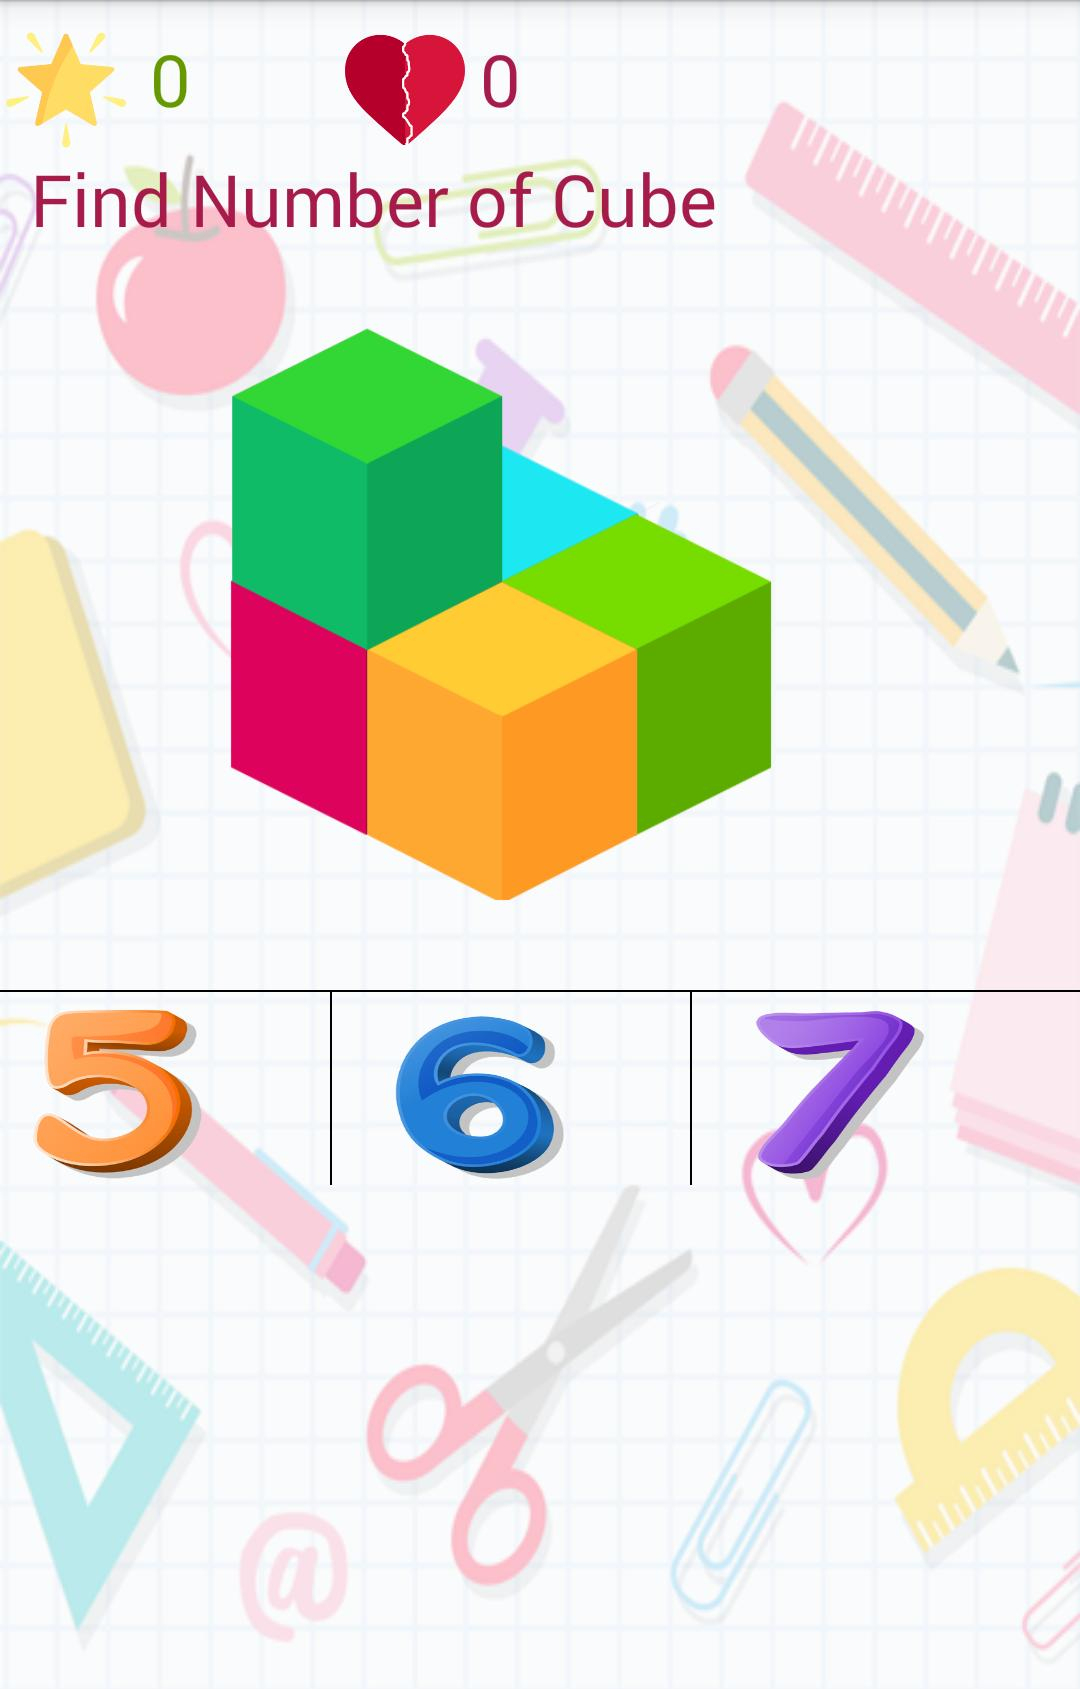 Jeu D'intelligence Mathématique Pour Enfants Pour Android pour Jeux Intelligents Pour Enfants